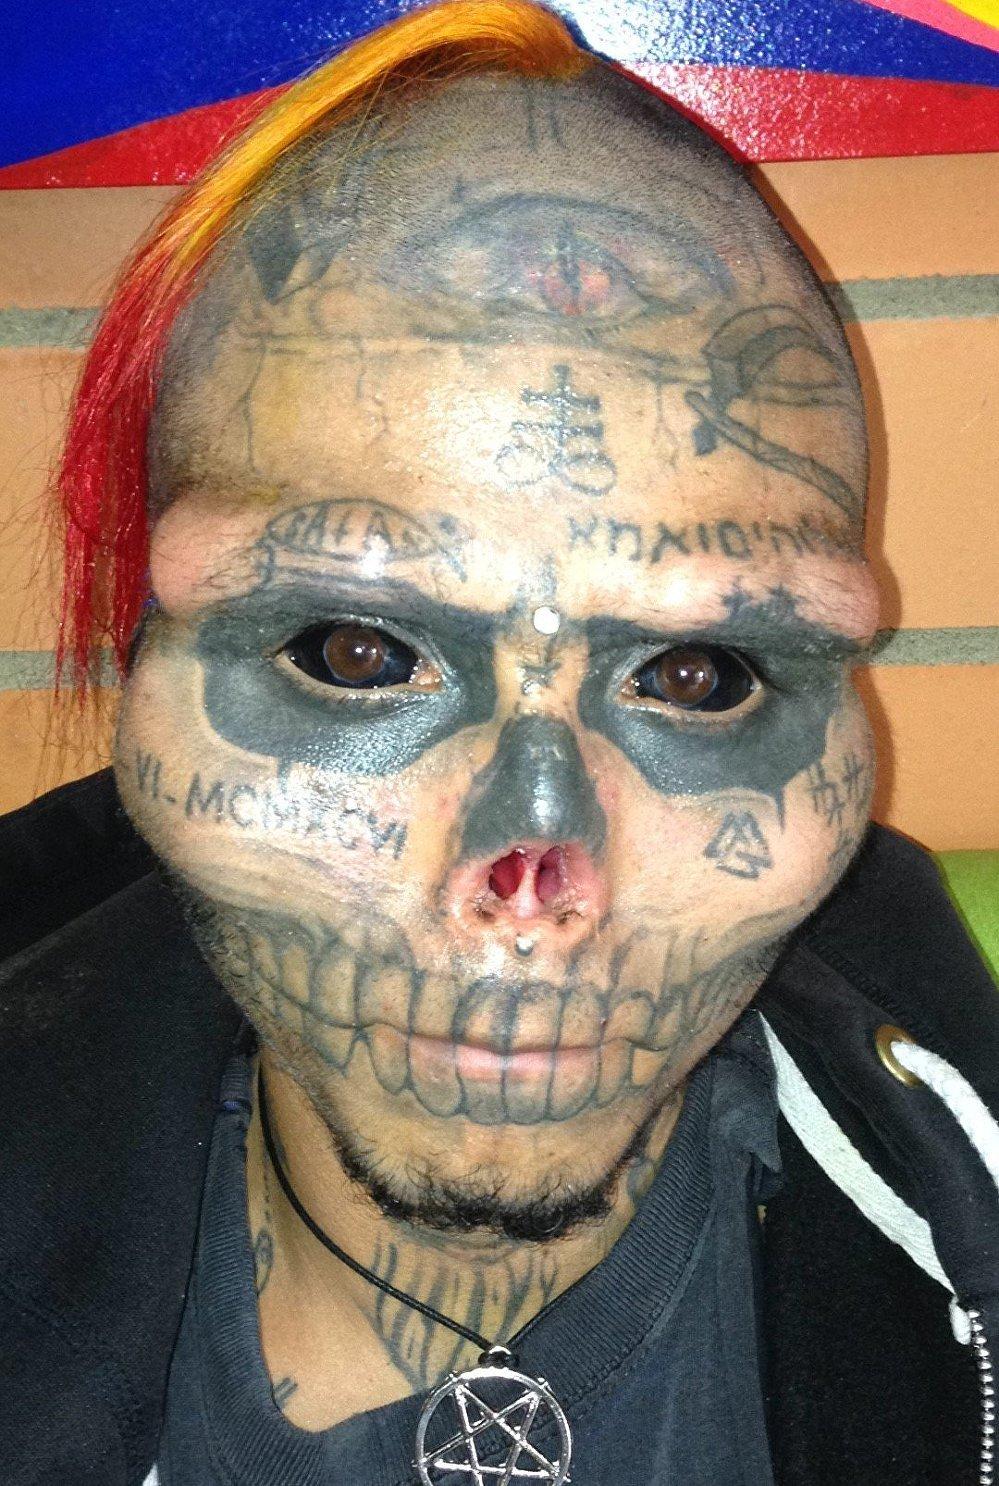 Kalaca Skull, el hombre calavera